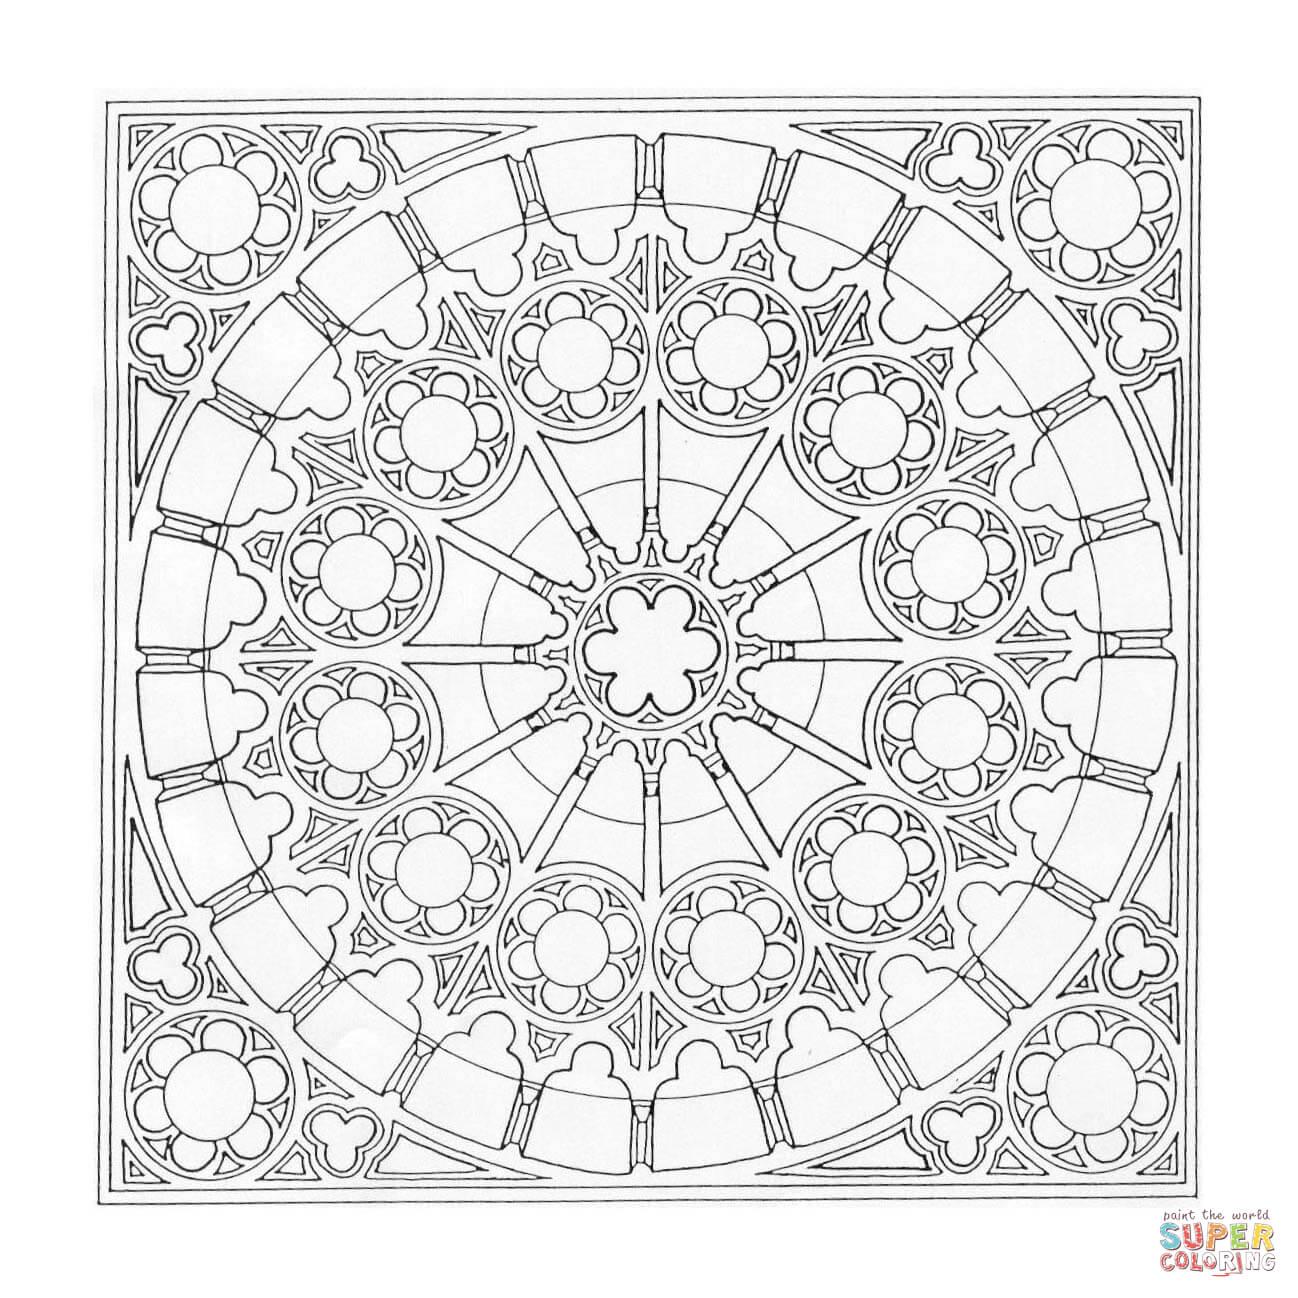 Mandala coloring page | Free Printable Coloring Pages | free printable coloring pages mandalas